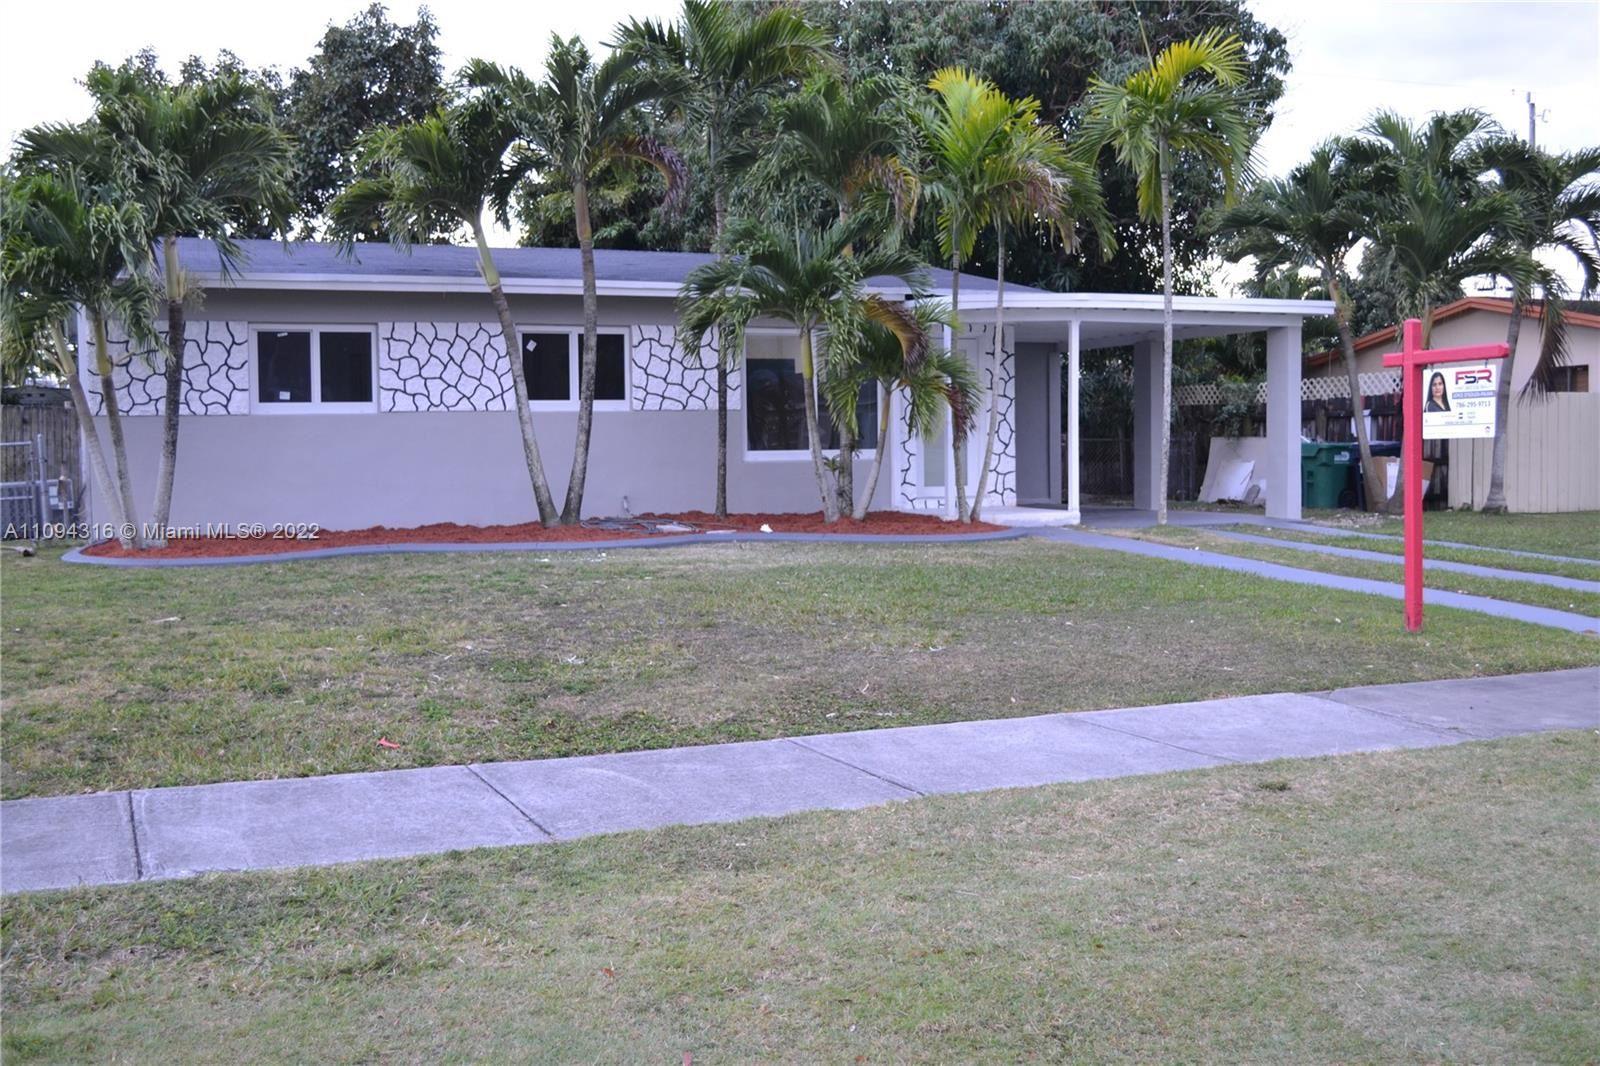 11840 SW 186th St, Miami, FL 33177 - #: A11094316